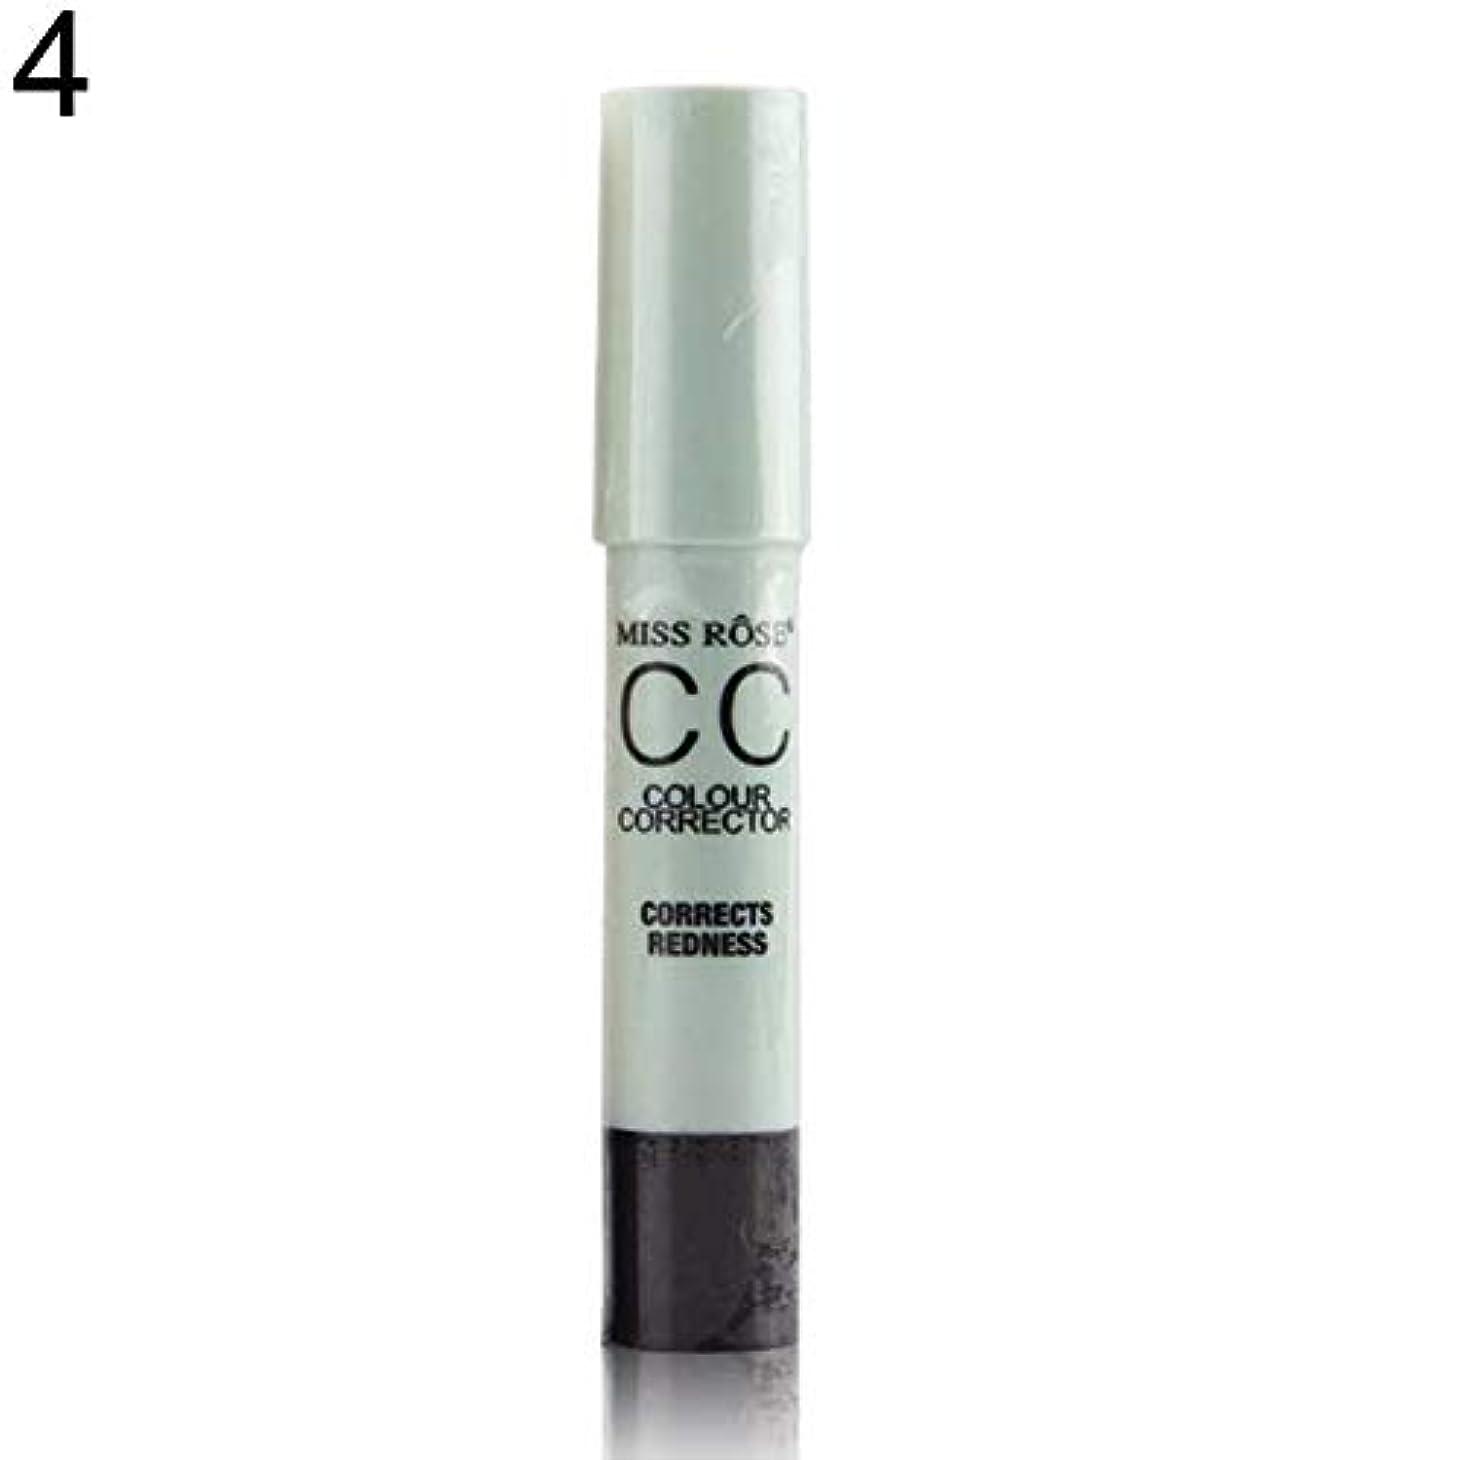 直立成熟ドループミスローズ顔メイクコンシーラー傷を隠すコレクタークリーム輪郭スティック - 4#